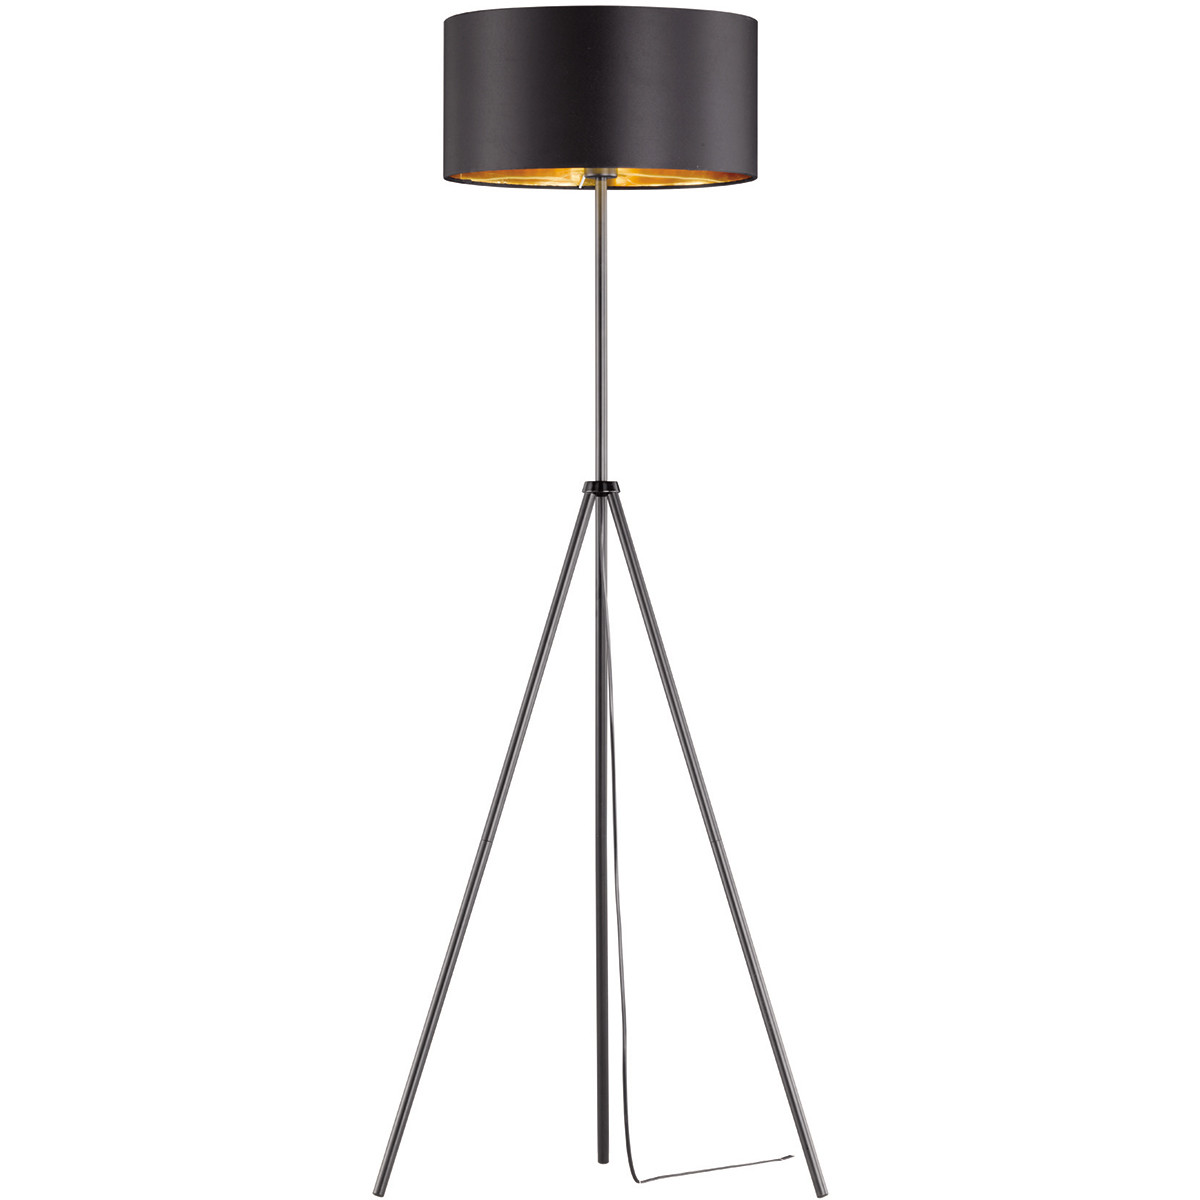 LED Vloerlamp - Trion Duno - E27 Fitting - Rond - Mat Zwart - Aluminium